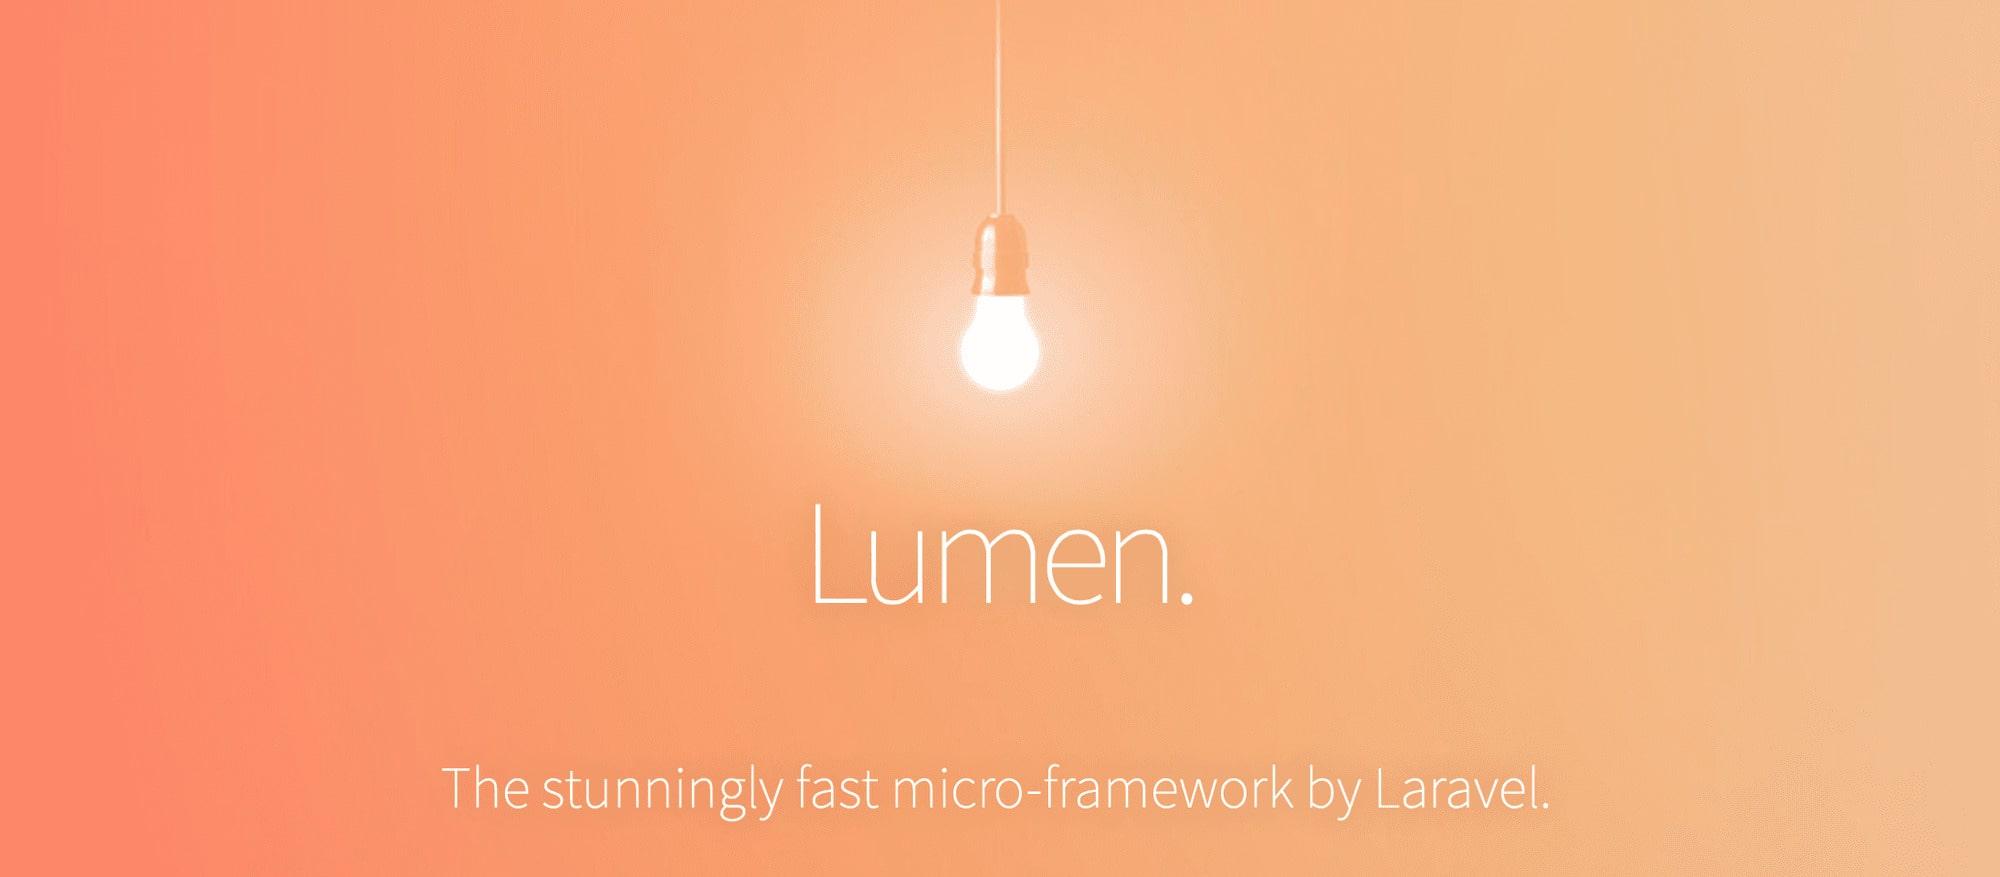 Lumen by Laravel   Raidan.com.au